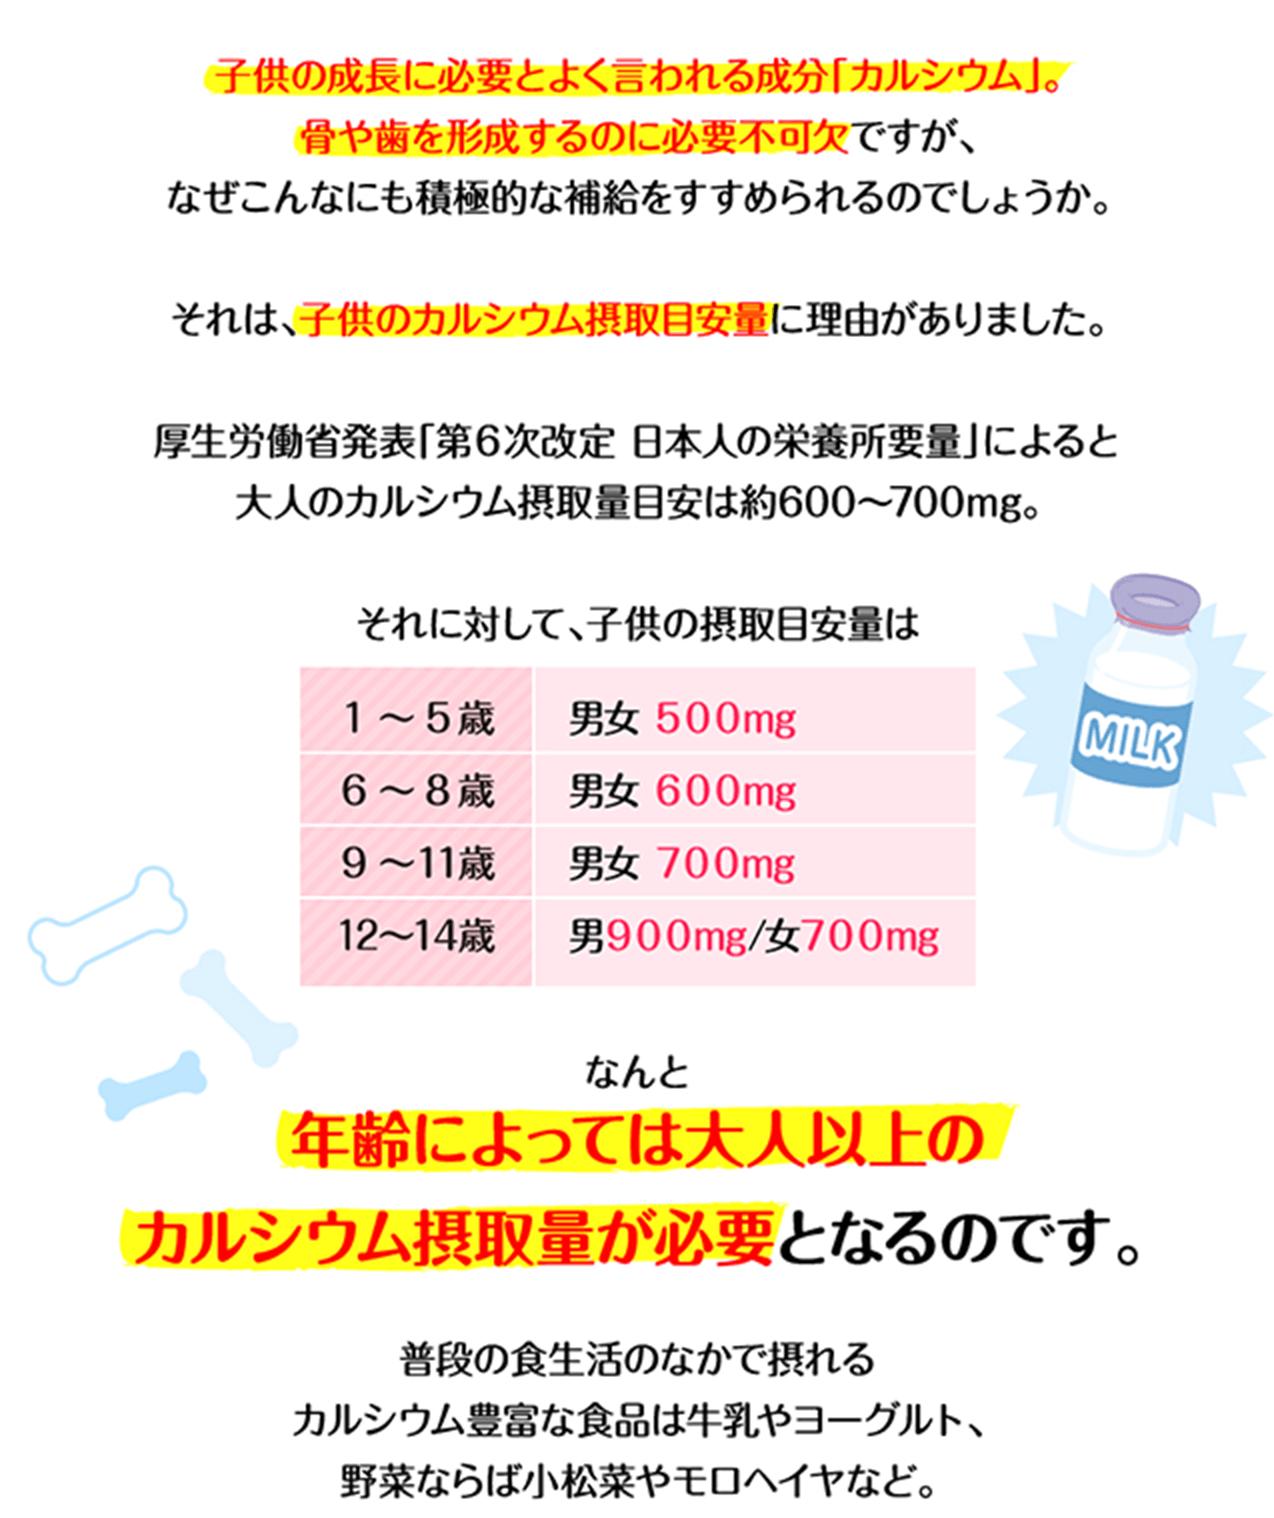 子供の成長に必要とよく言われる成分「カルシウム」。骨や歯を形成するのに必要不可欠ですが、なぜこんなにも積極的な補給をすすめられるのでしょうか。それは、子供のカルシウム摂取目安量に理由がありました。厚生労働省「第6次改定 日本人の栄養所要量」によると大人のカルシウム摂取量目安は約600〜700mg。それに対して、子供の摂取目安量は なんと年齢によっては大人以上のカルシウム摂取量が必要となるのです。普段の食生活のなかで摂れるカルシウム豊富な食品は牛乳やヨーグルト、野菜ならば小松菜やモロヘイヤなど。